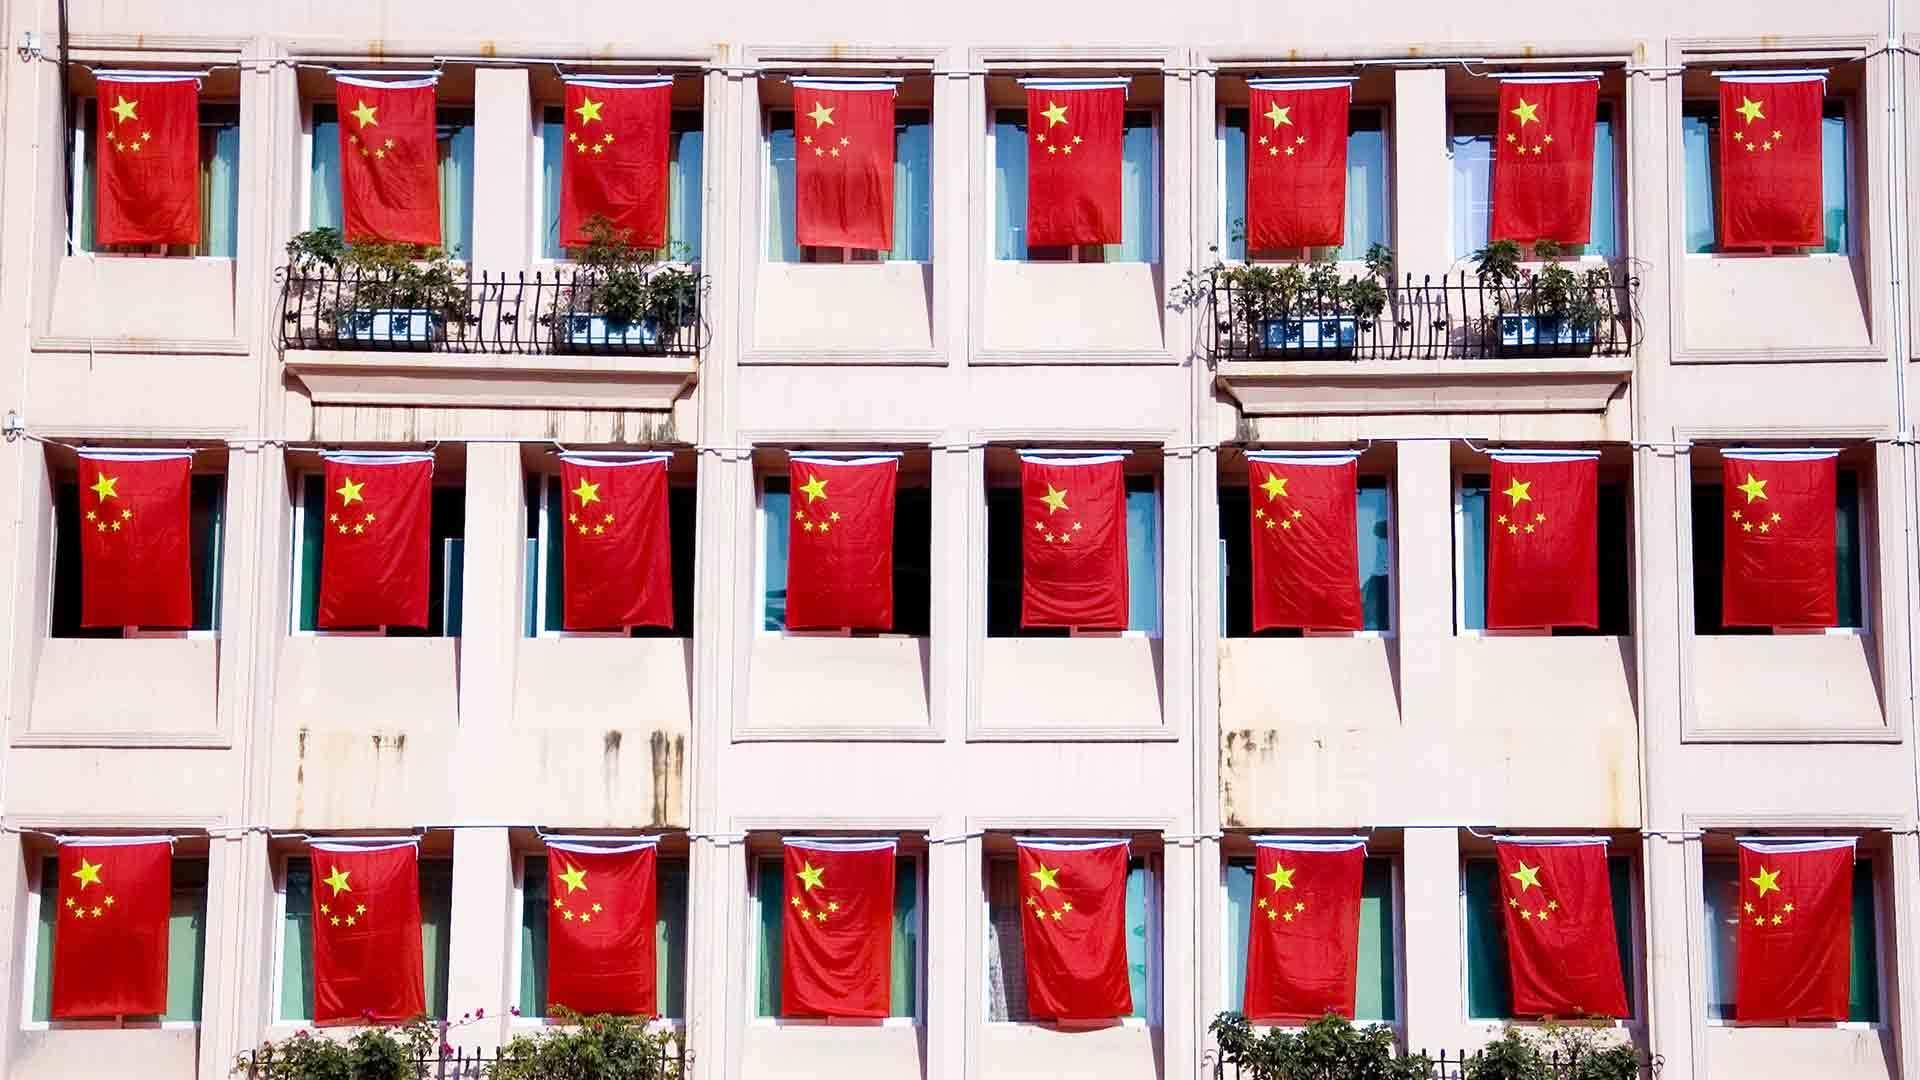 五星红旗迎风飘扬